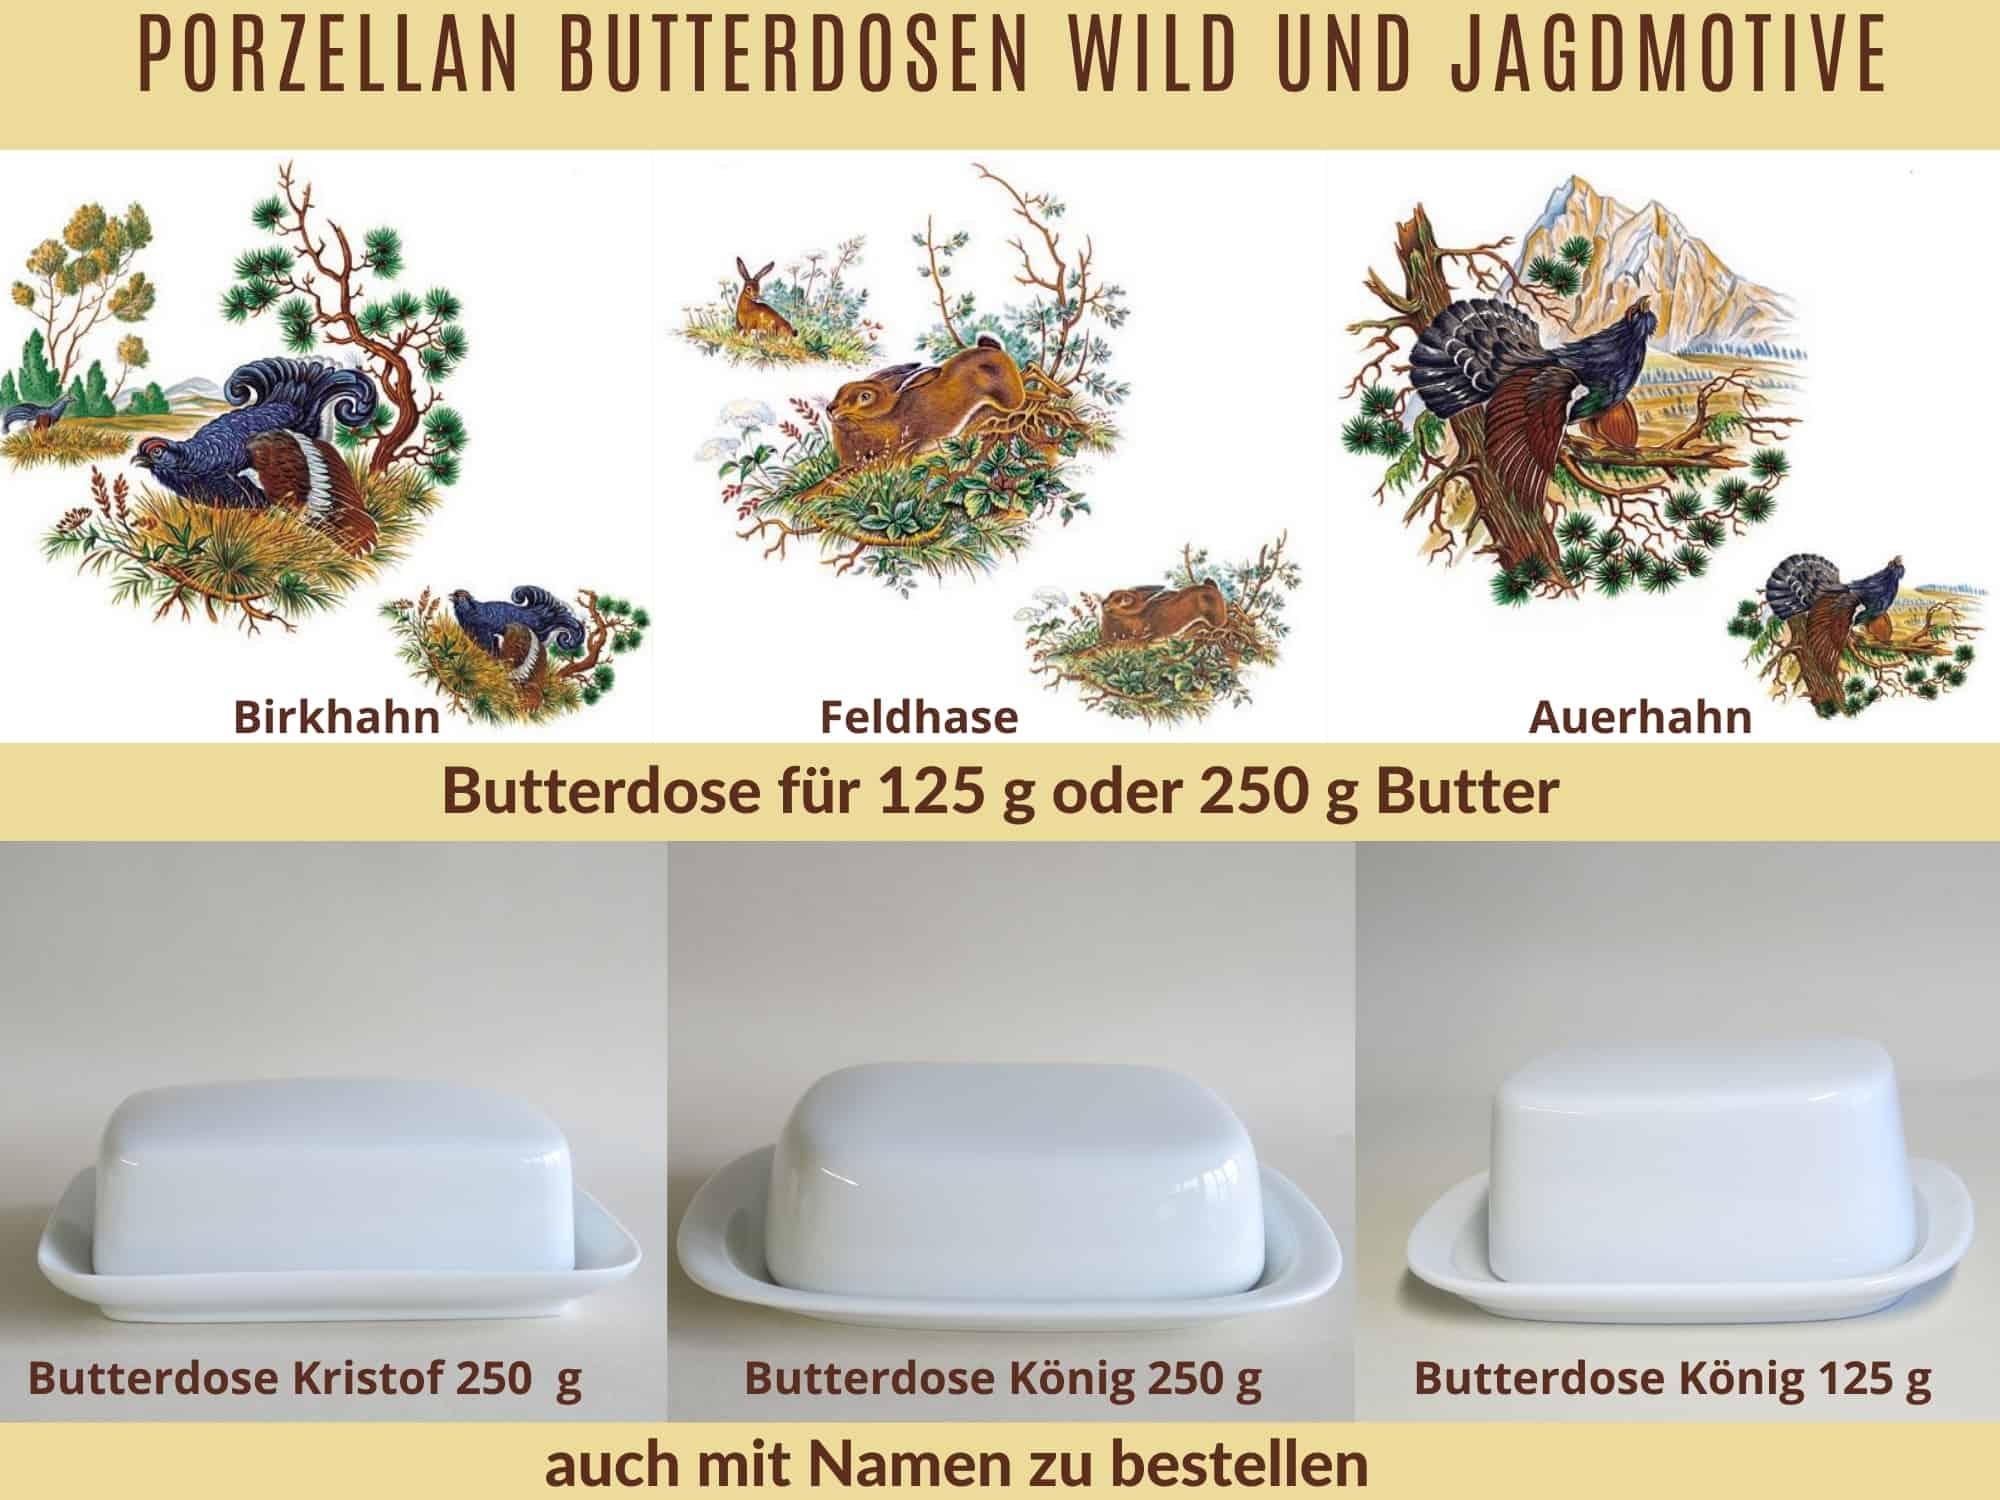 Porzellan butterdosen Jagdmotive Birkhahn Feldhase Auerhahn